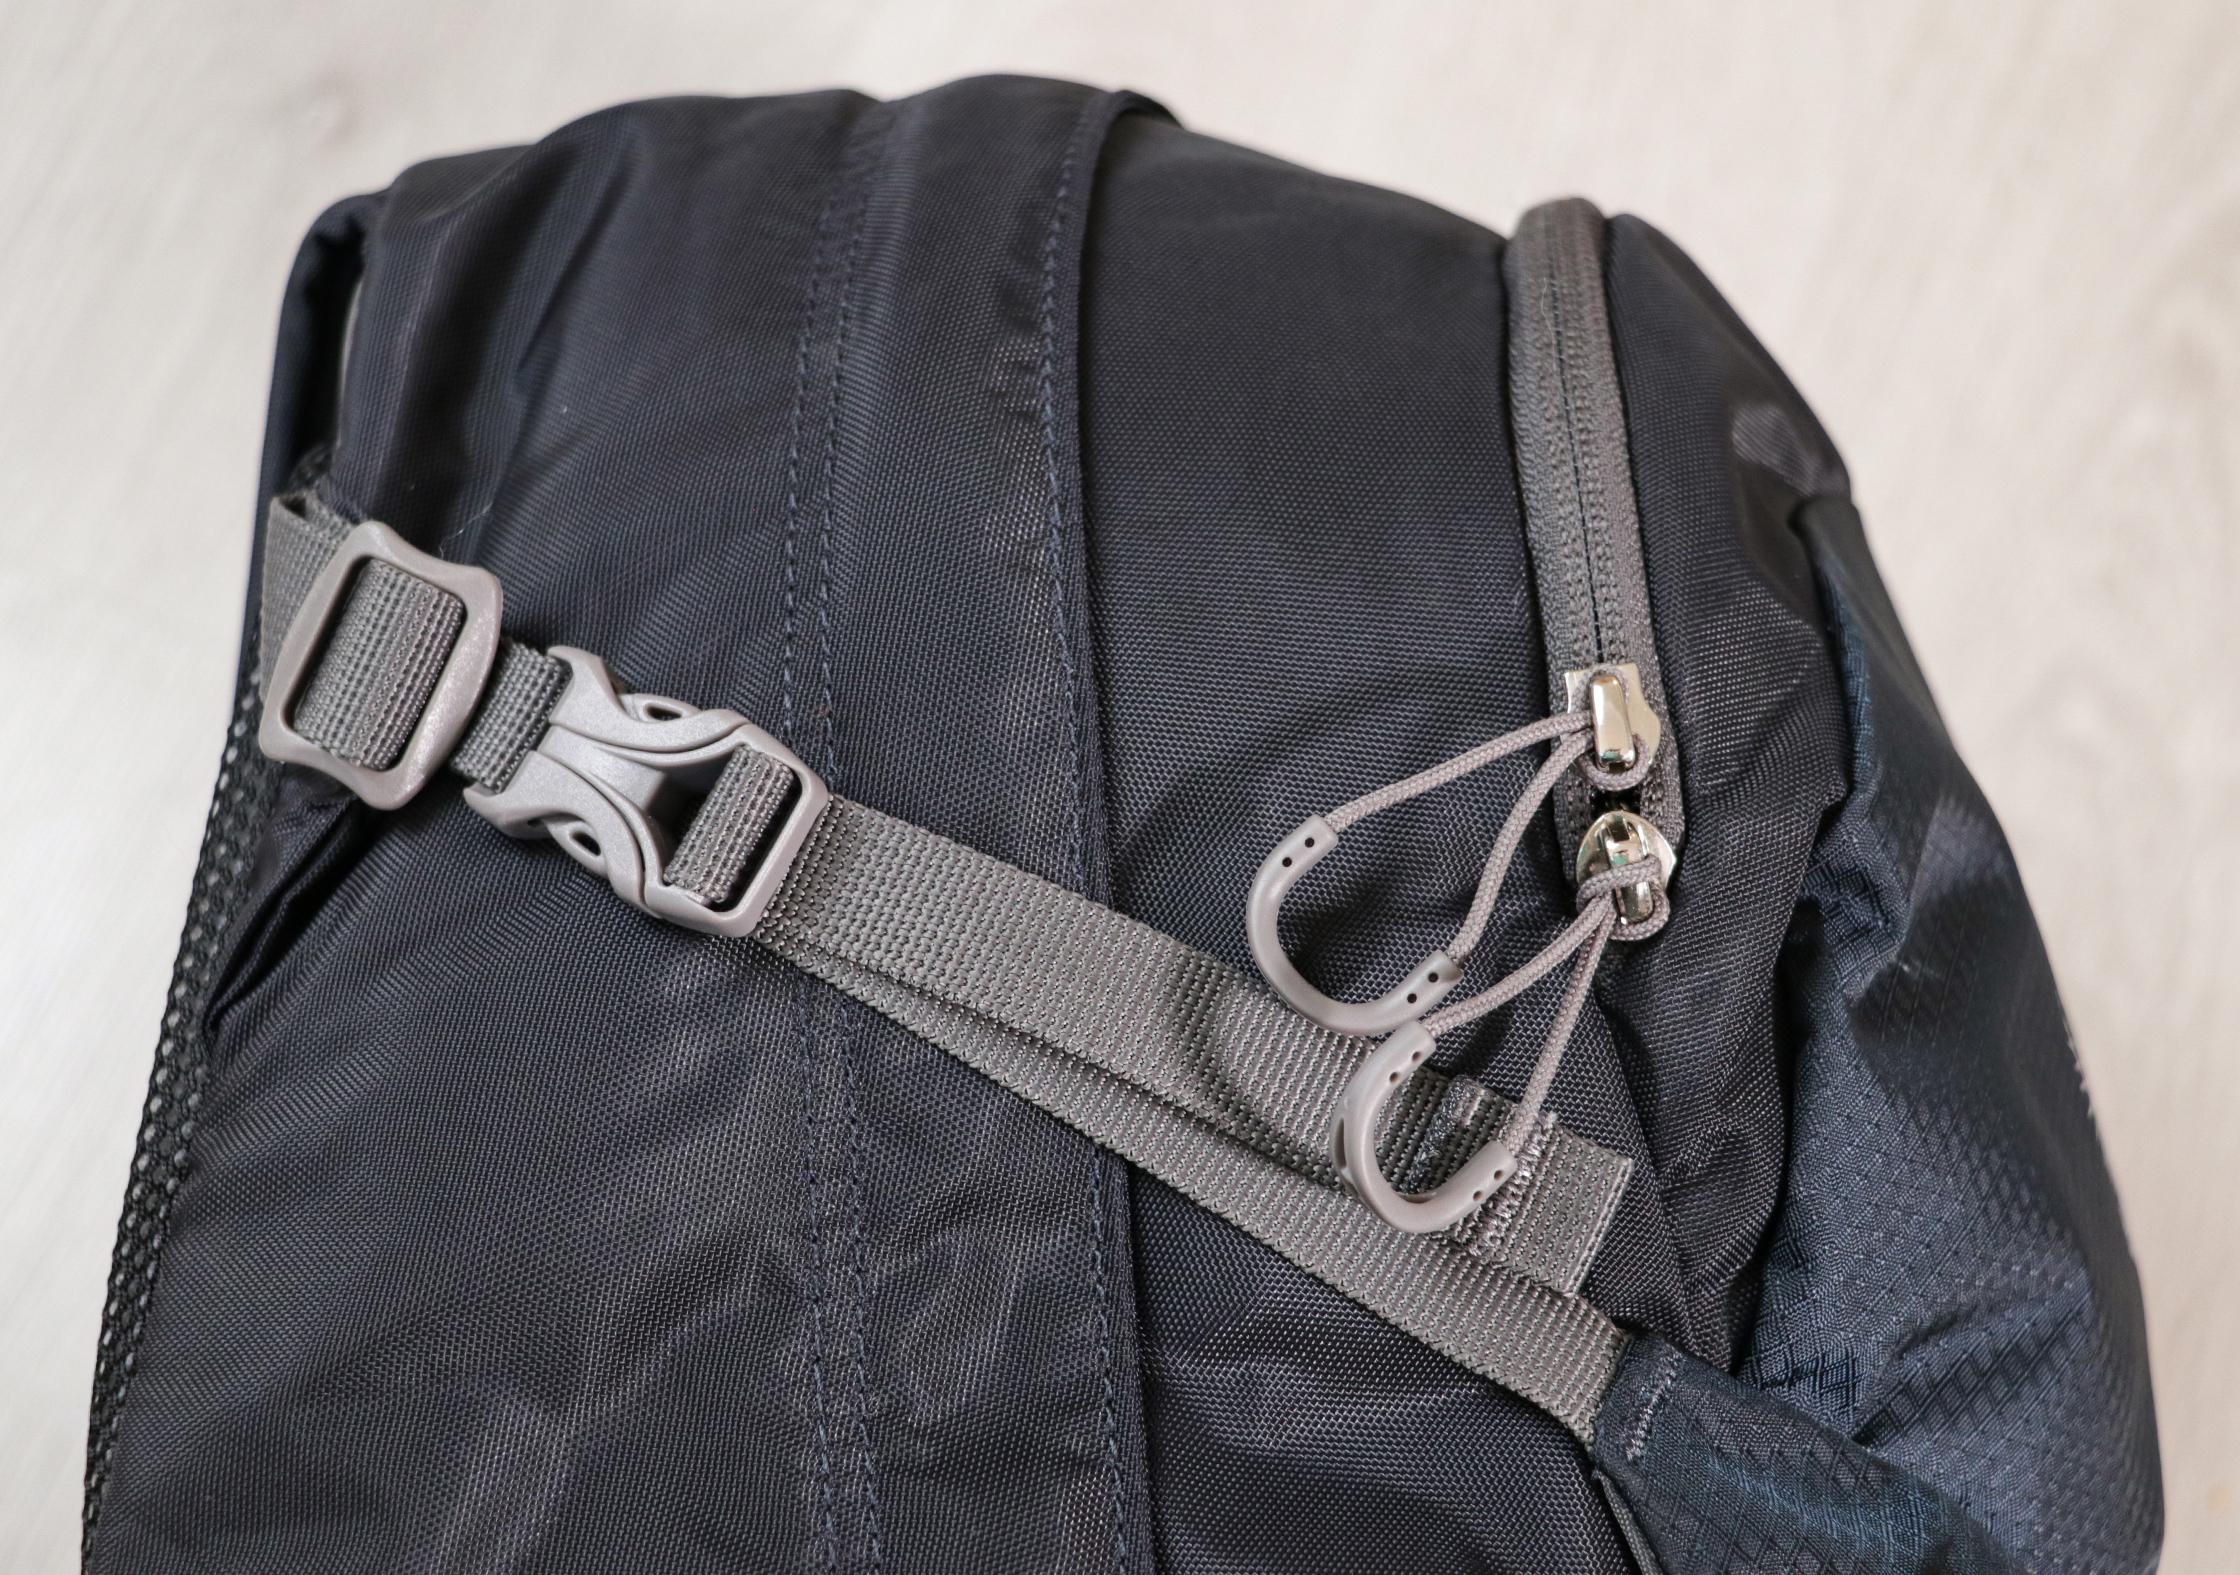 Osprey Daylite Plus Zippers & Buckles